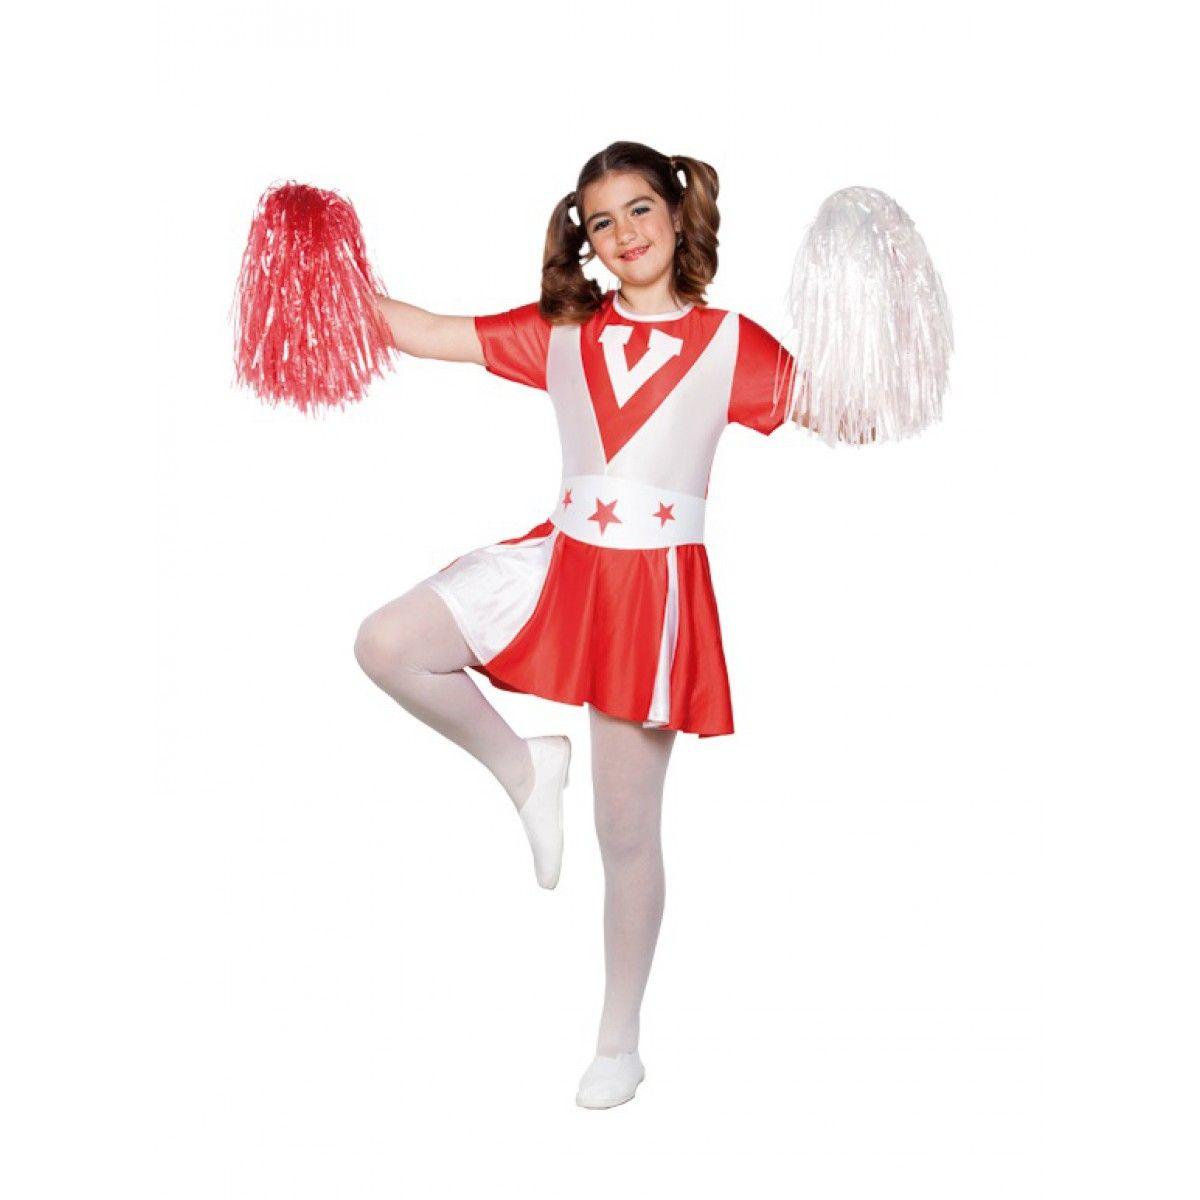 Disfracesmimo disfraz de animadora para ni a 10 a 12 a os - Disfraces de angel para nina ...